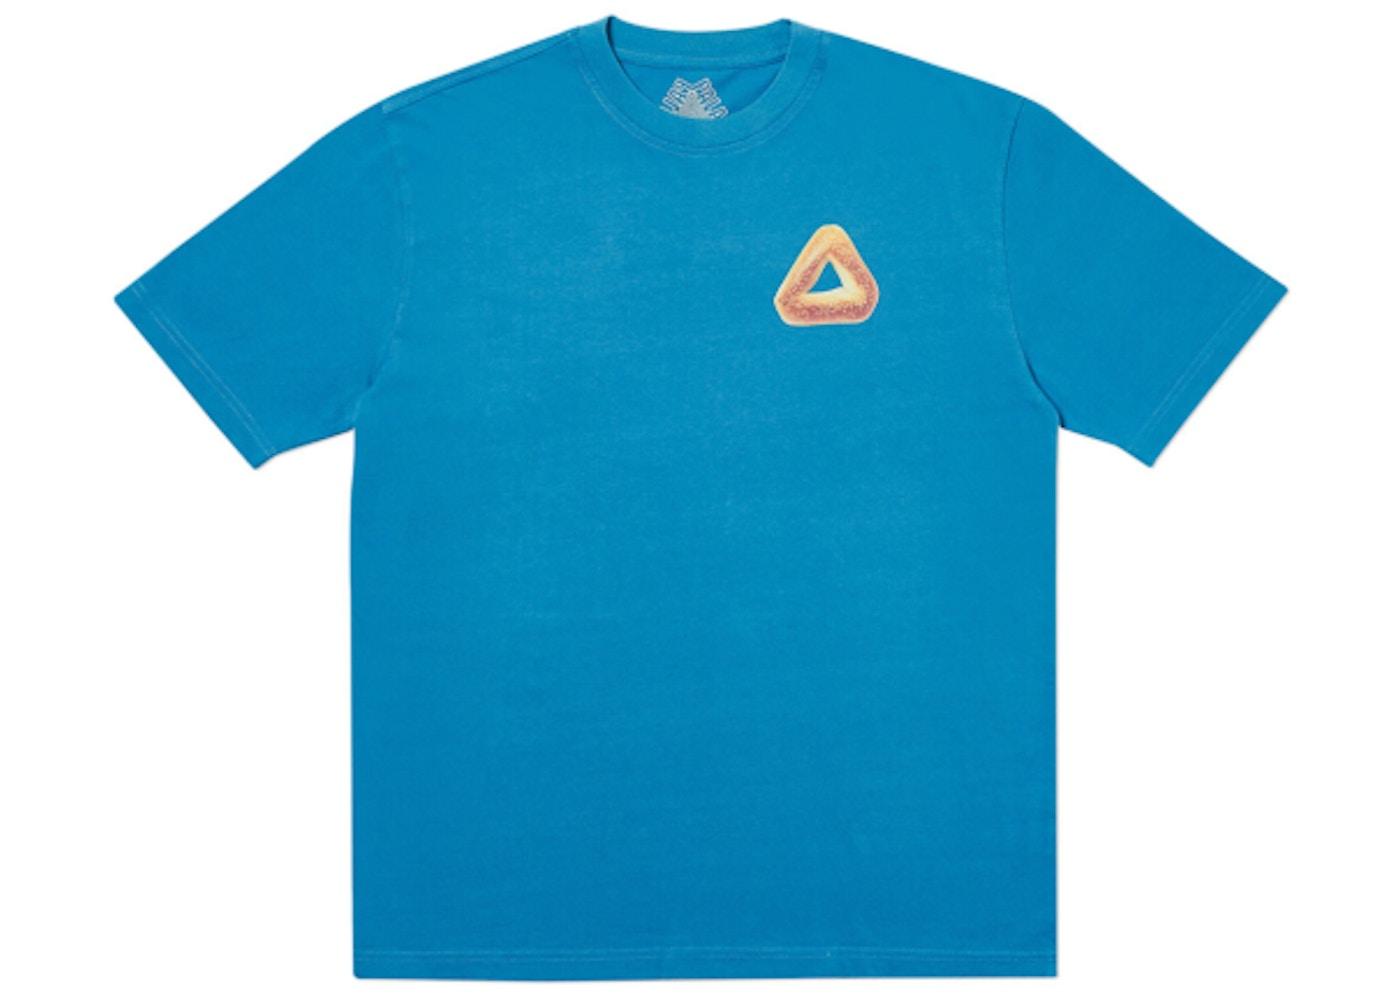 66ff41fb347f Palace Tri Bagel T-Shirt Blue. Tri Bagel